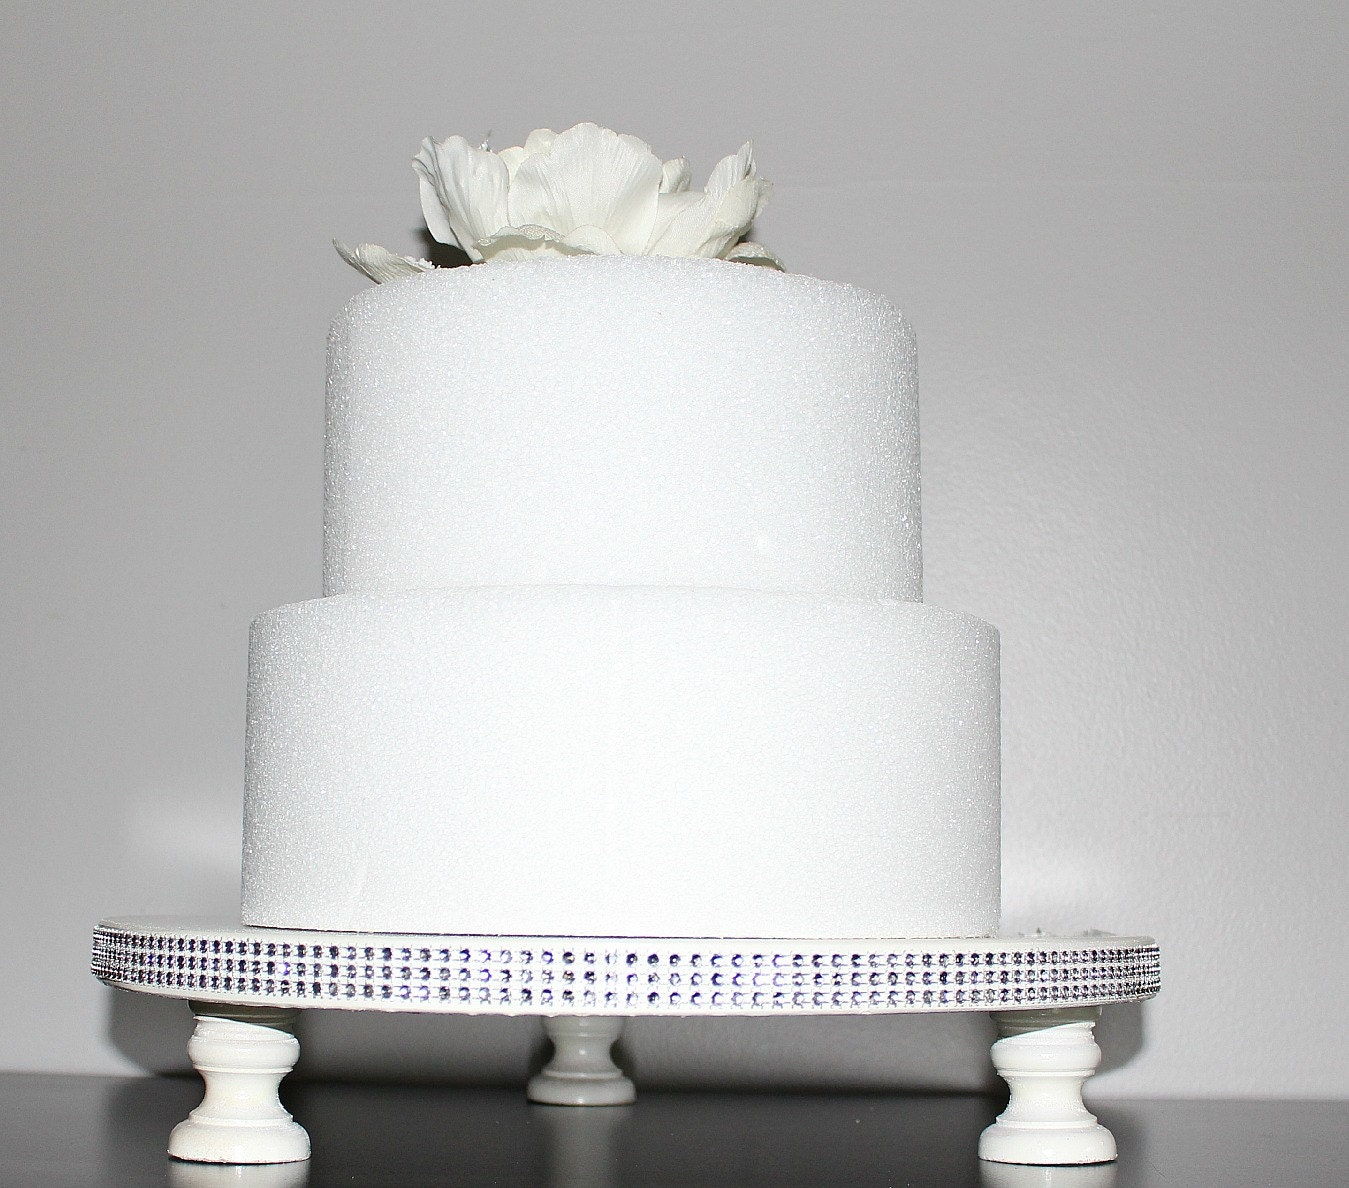 10 Rhinestone White Wedding Birthday Bridal Shower Baby